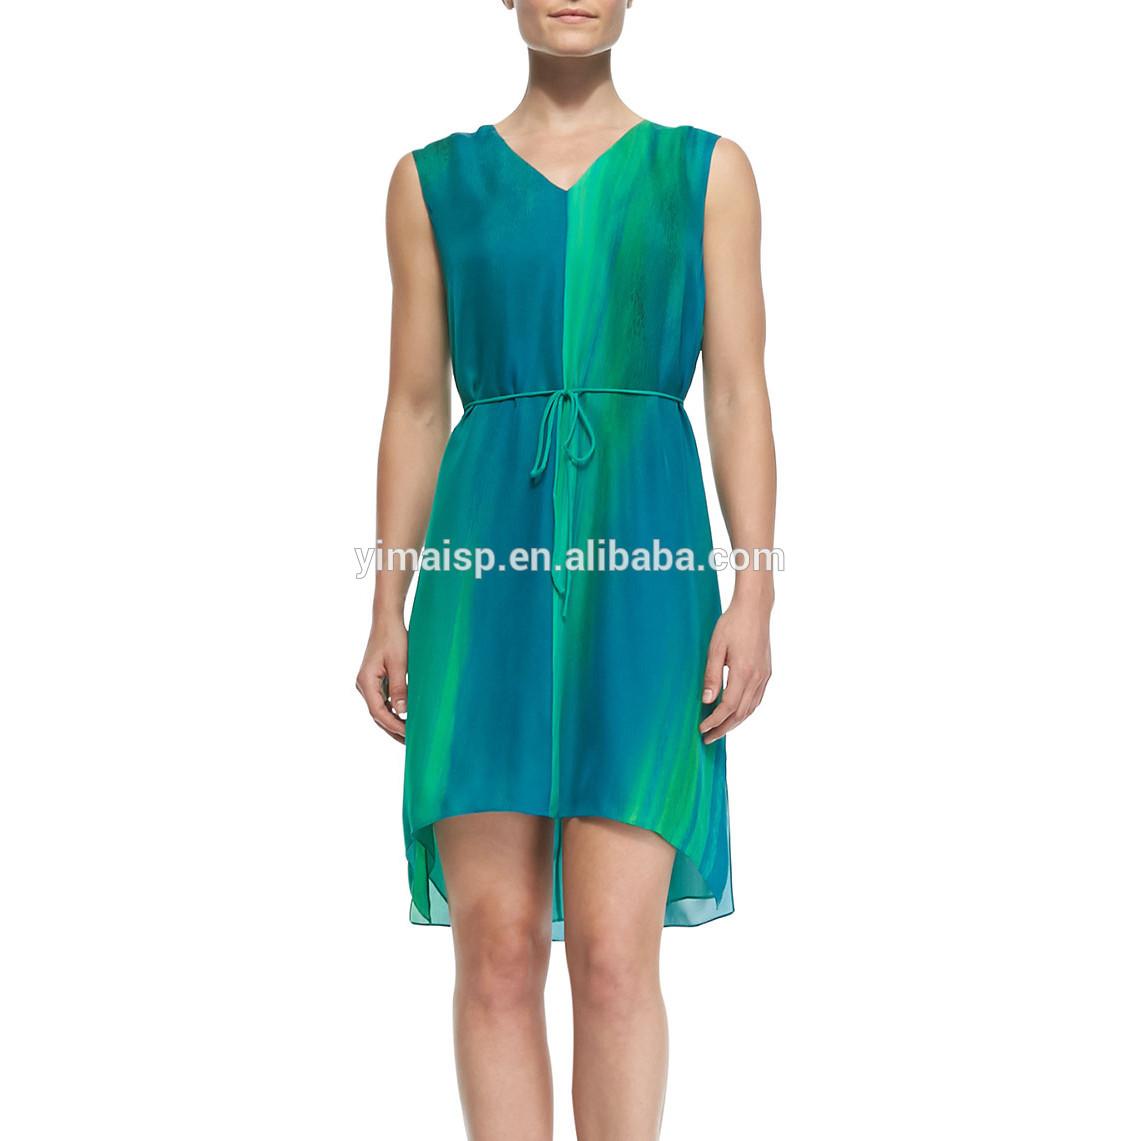 платья с корсетами выкройки - Кокетка